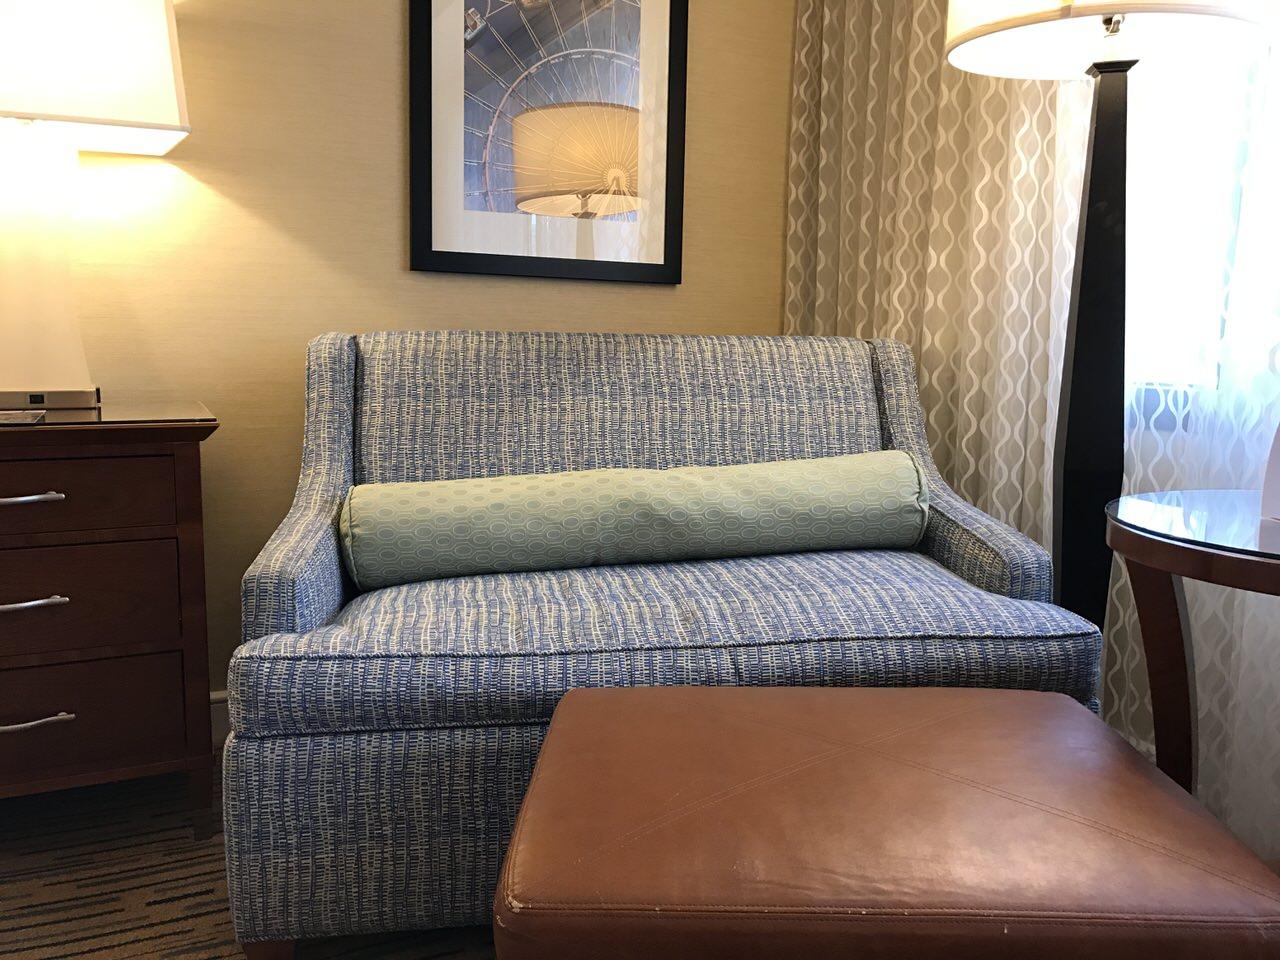 Hotel marriott sandiego0410